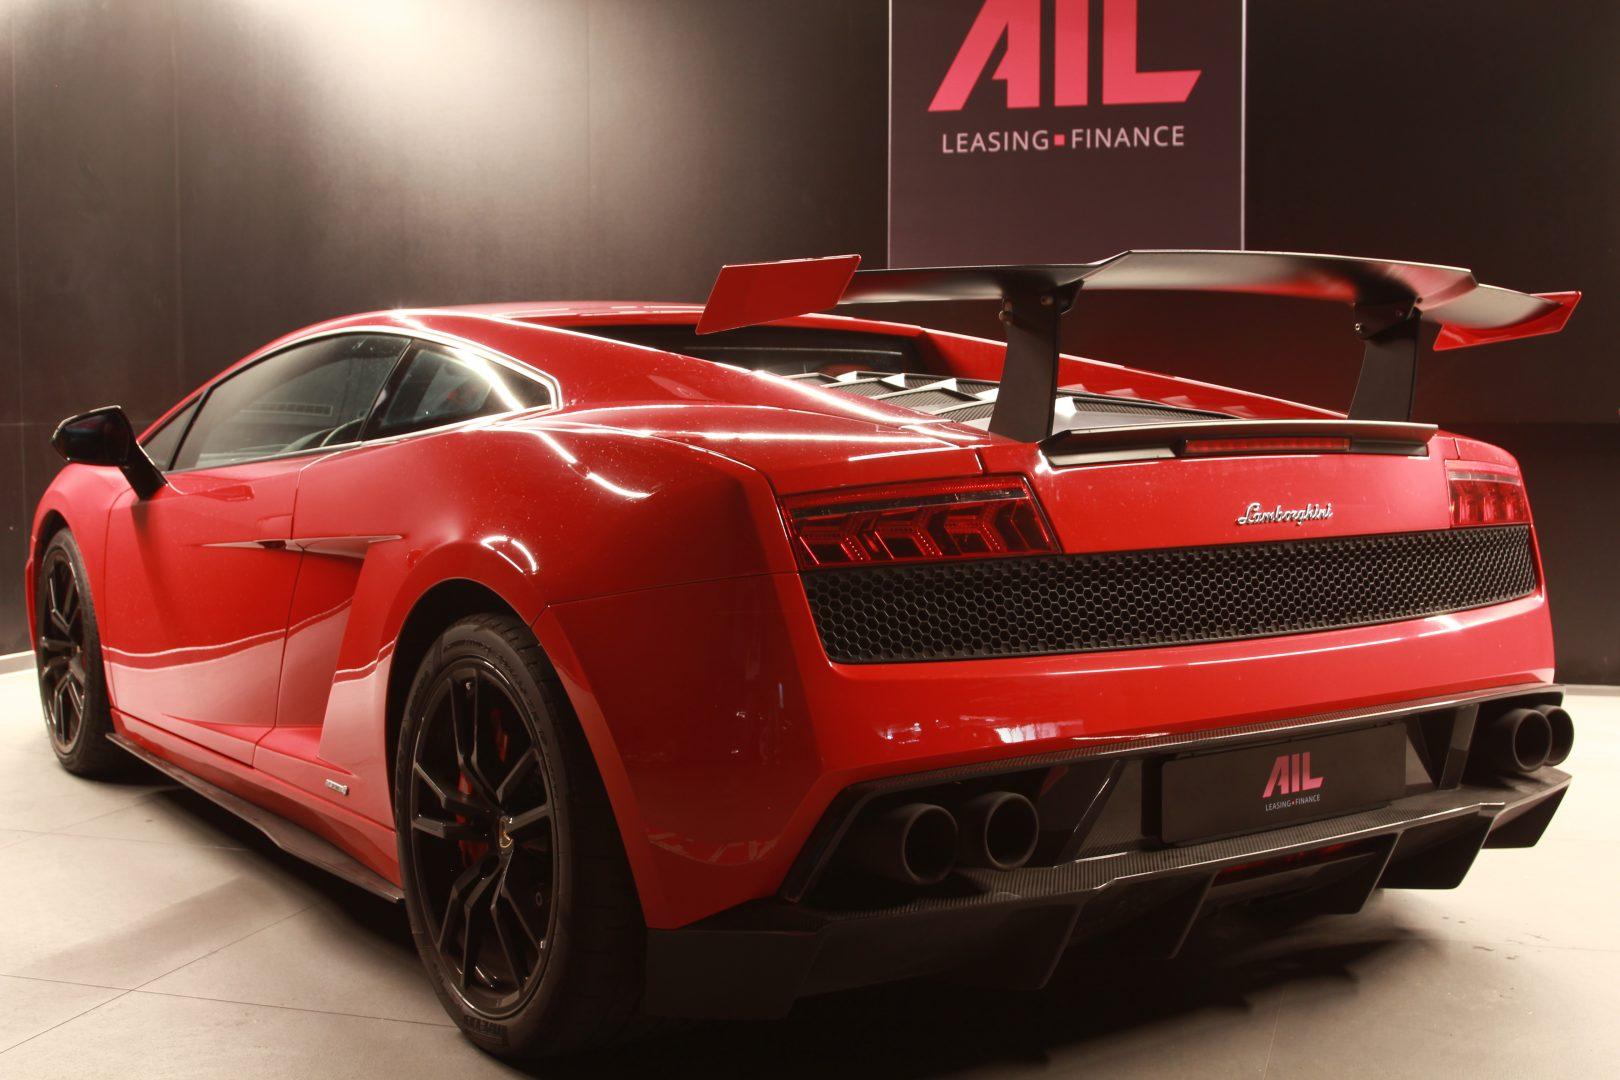 AIL Lamborghini Gallardo LP570-4 Super Trofeo 1